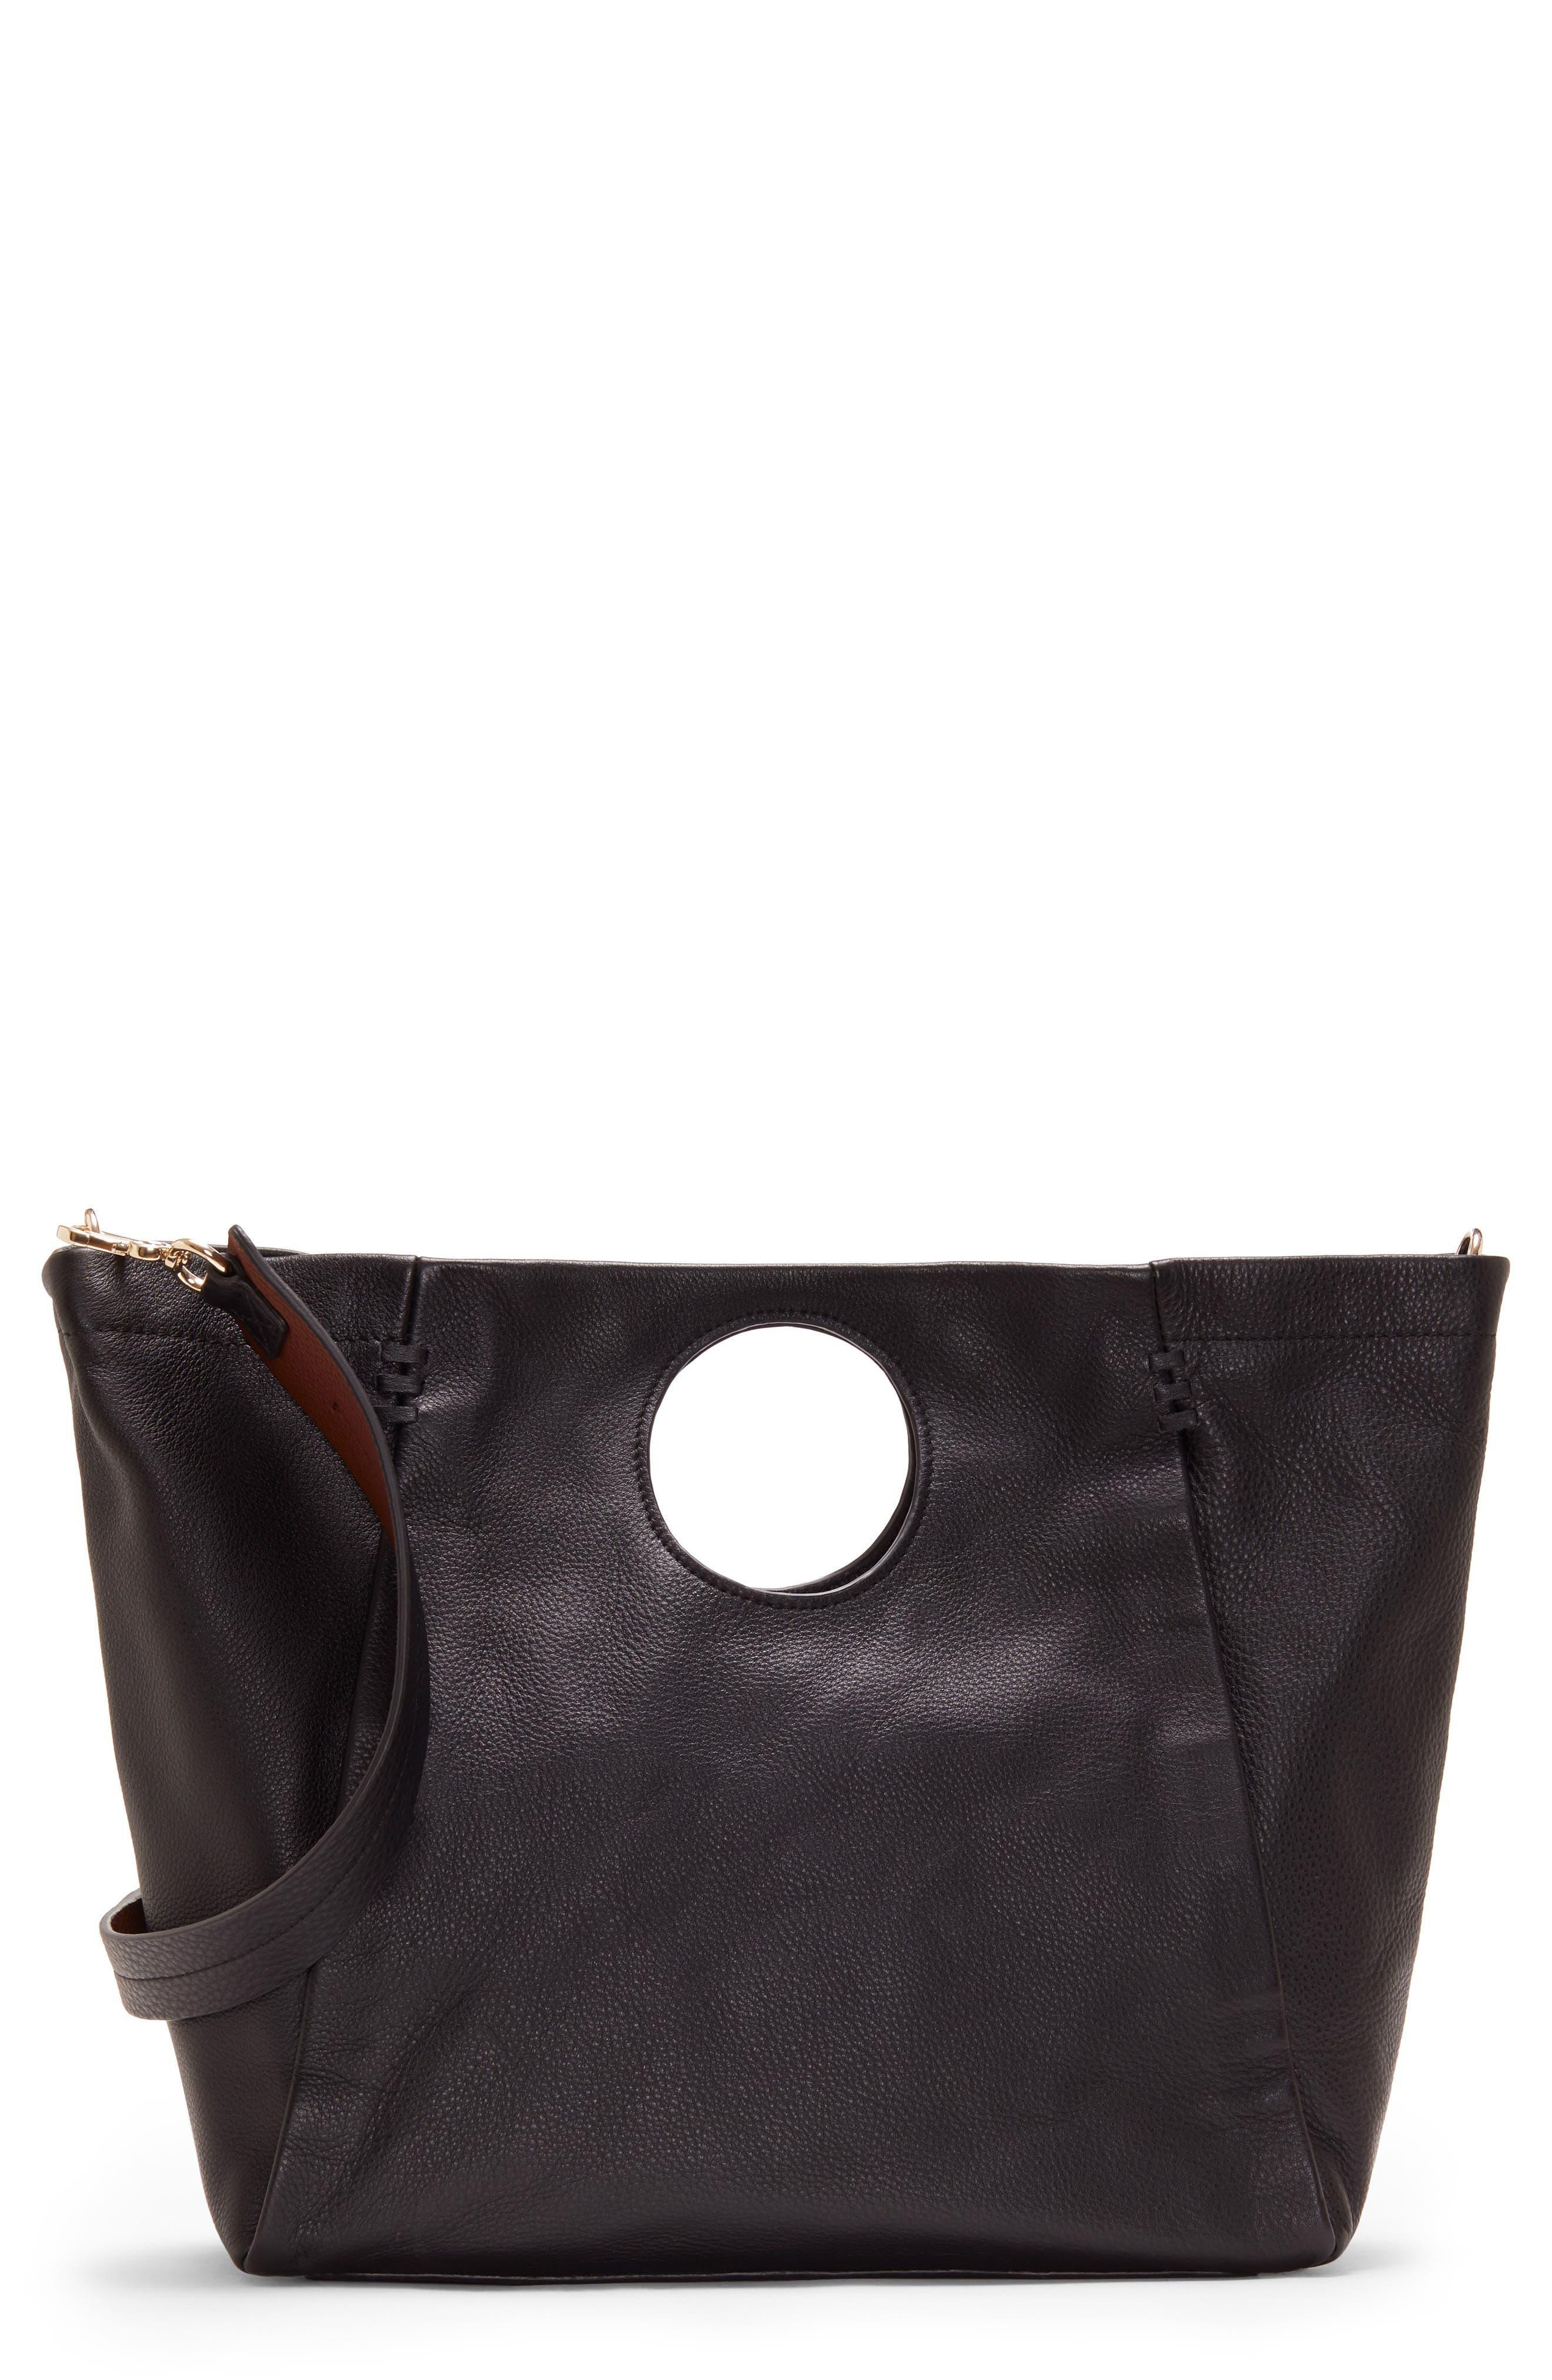 6996fcb018 vince camuto handbags